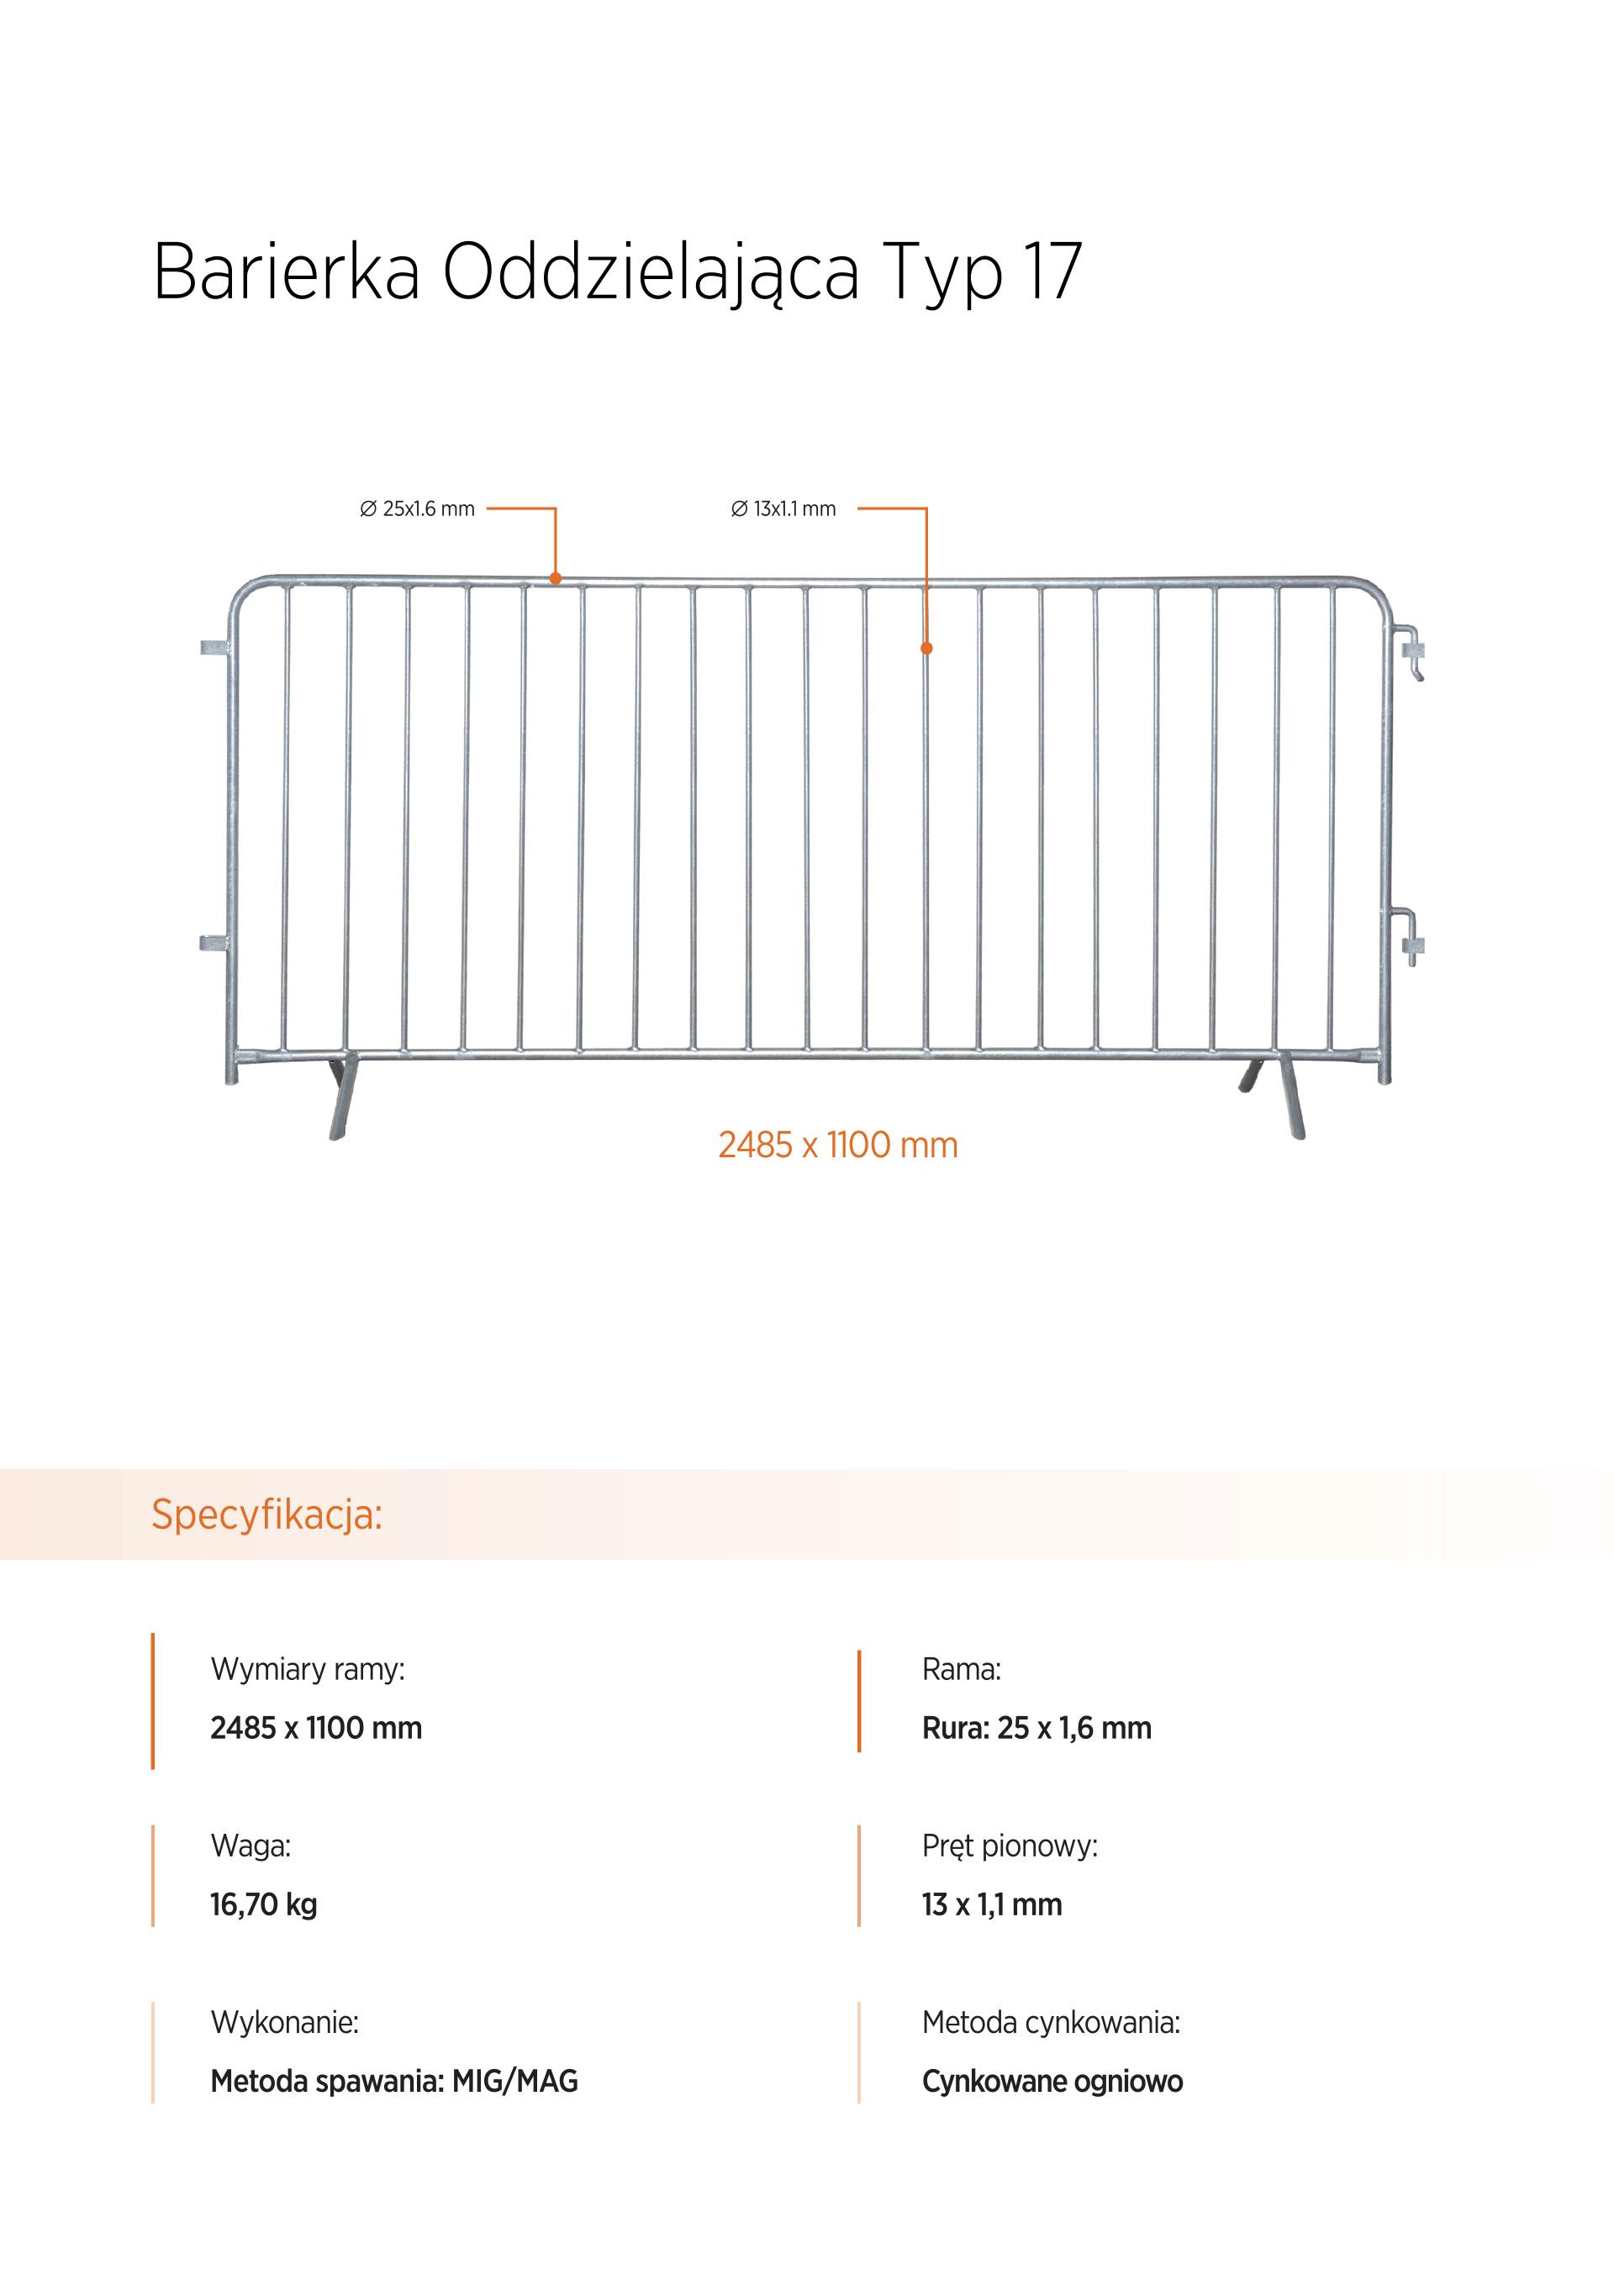 barierka eventowa - Ogrodzenia tymczasowe Kędzierzyn Koźle